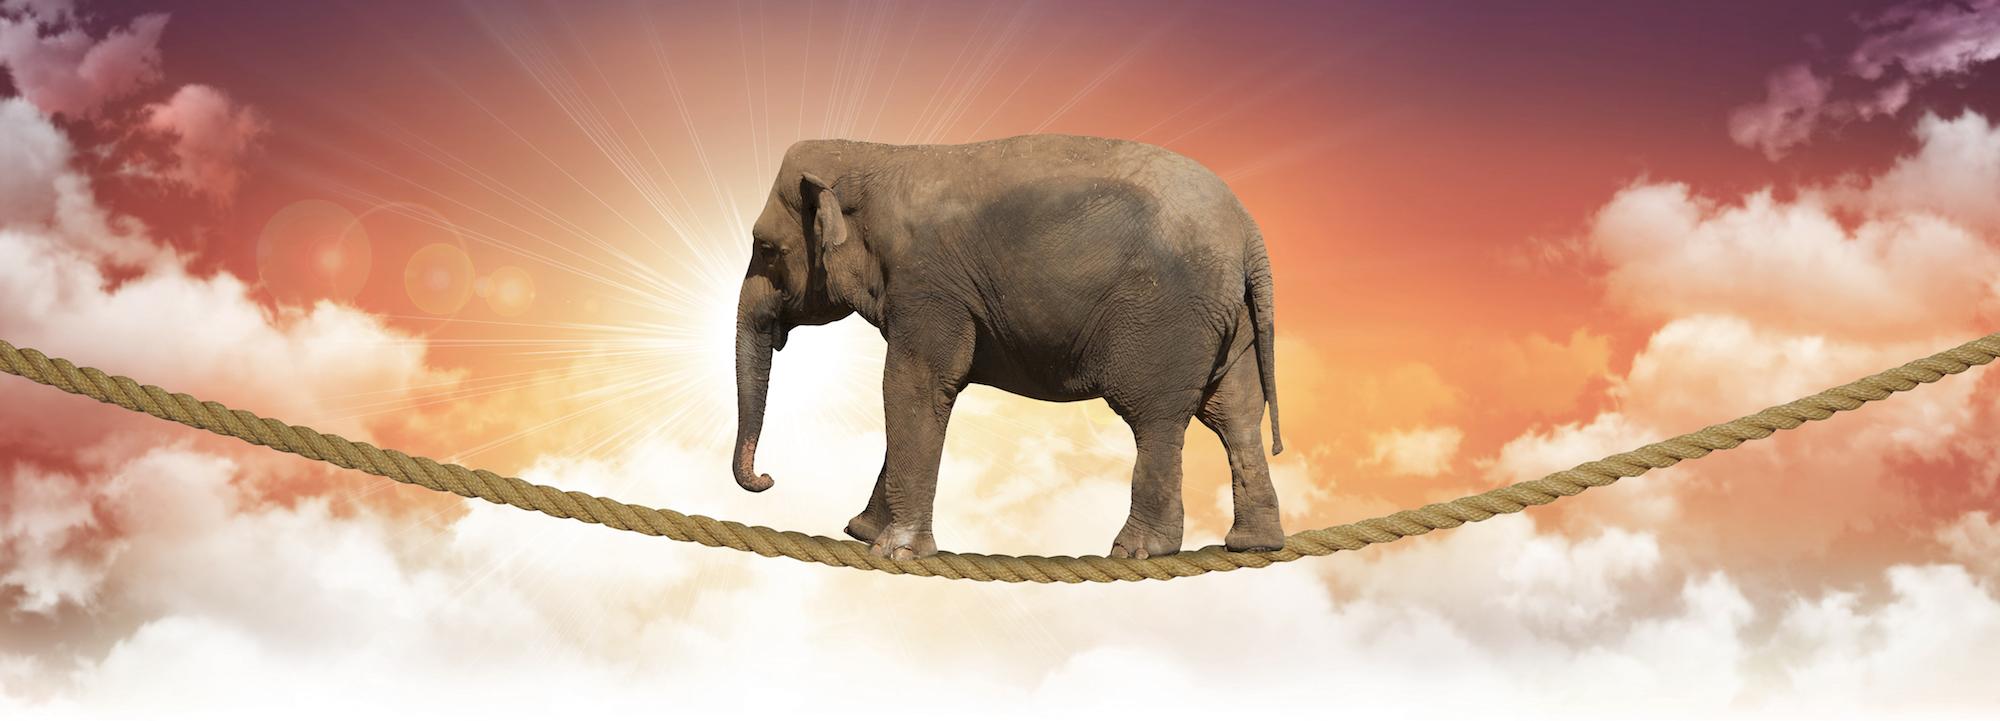 ElefantaufSeil1